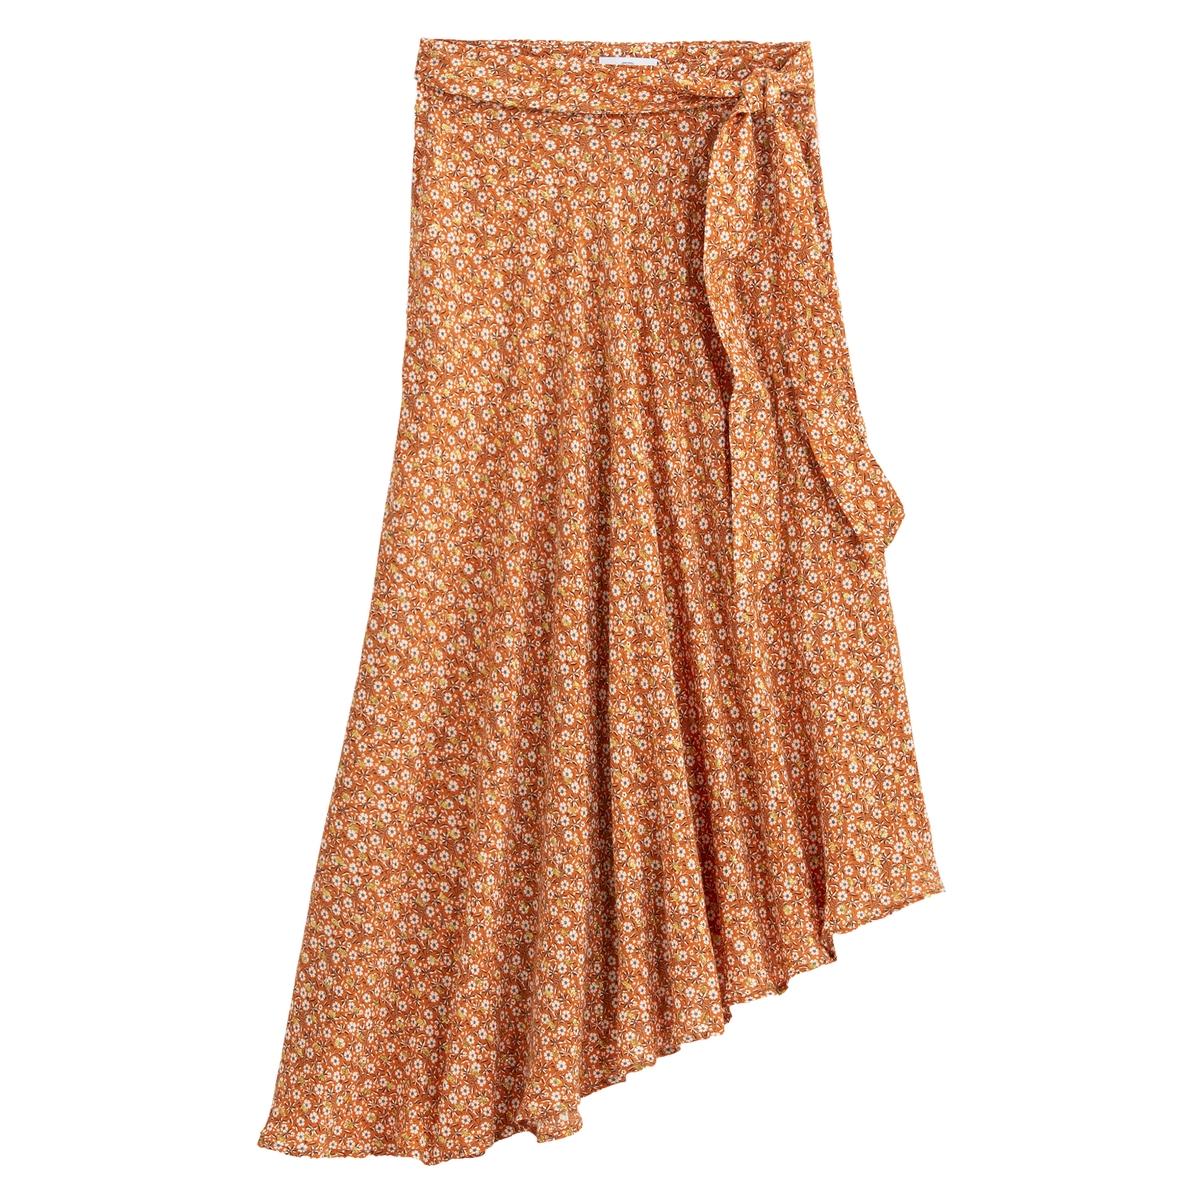 Falda larga en asimetría, con estampado de flores